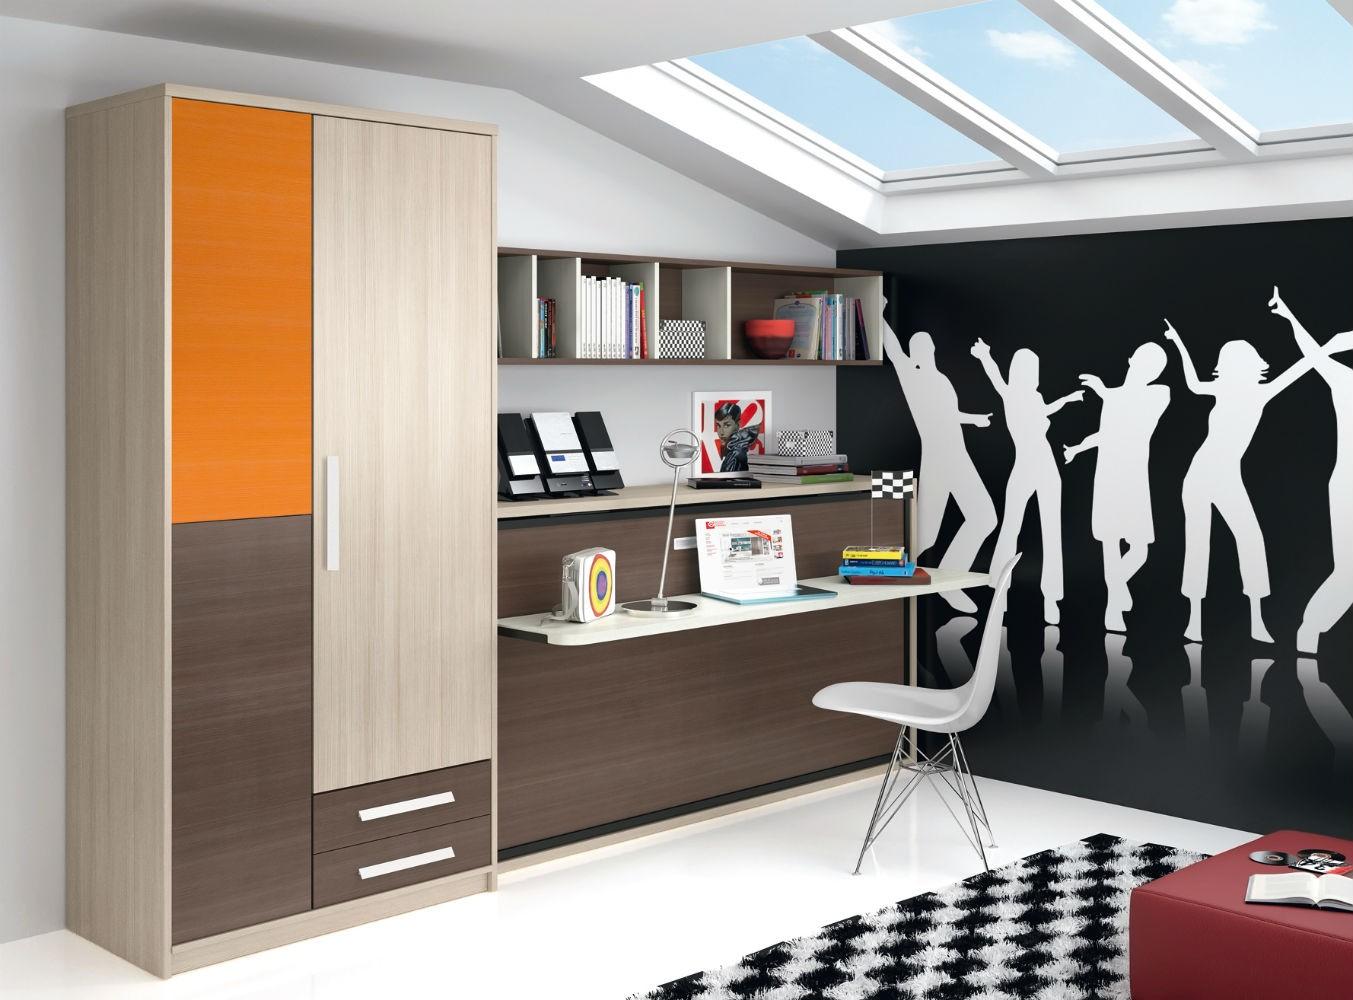 Dormitorio infantil juvenil moderno literas abatibles 69 f215 - Habitaciones juveniles camas abatibles horizontales ...